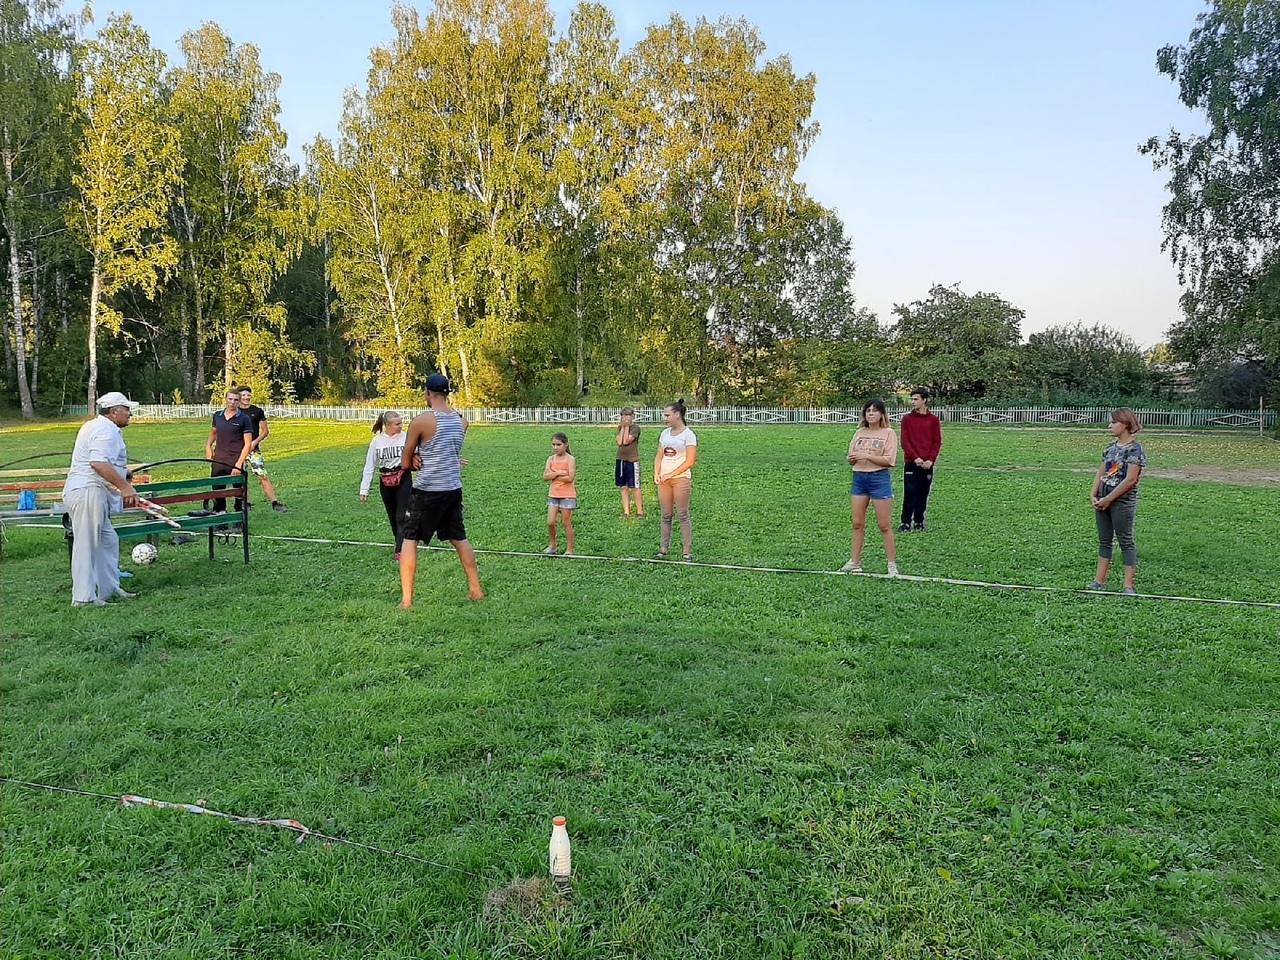 В Малоскарединском, Новопетровском и Кармацком сельских поселениях, на дворовых площадках, прошли соревнования по шашкам, дартсу, мини - футболу, волейболу и лёгкой атлетике в рамках мероприятий под названием